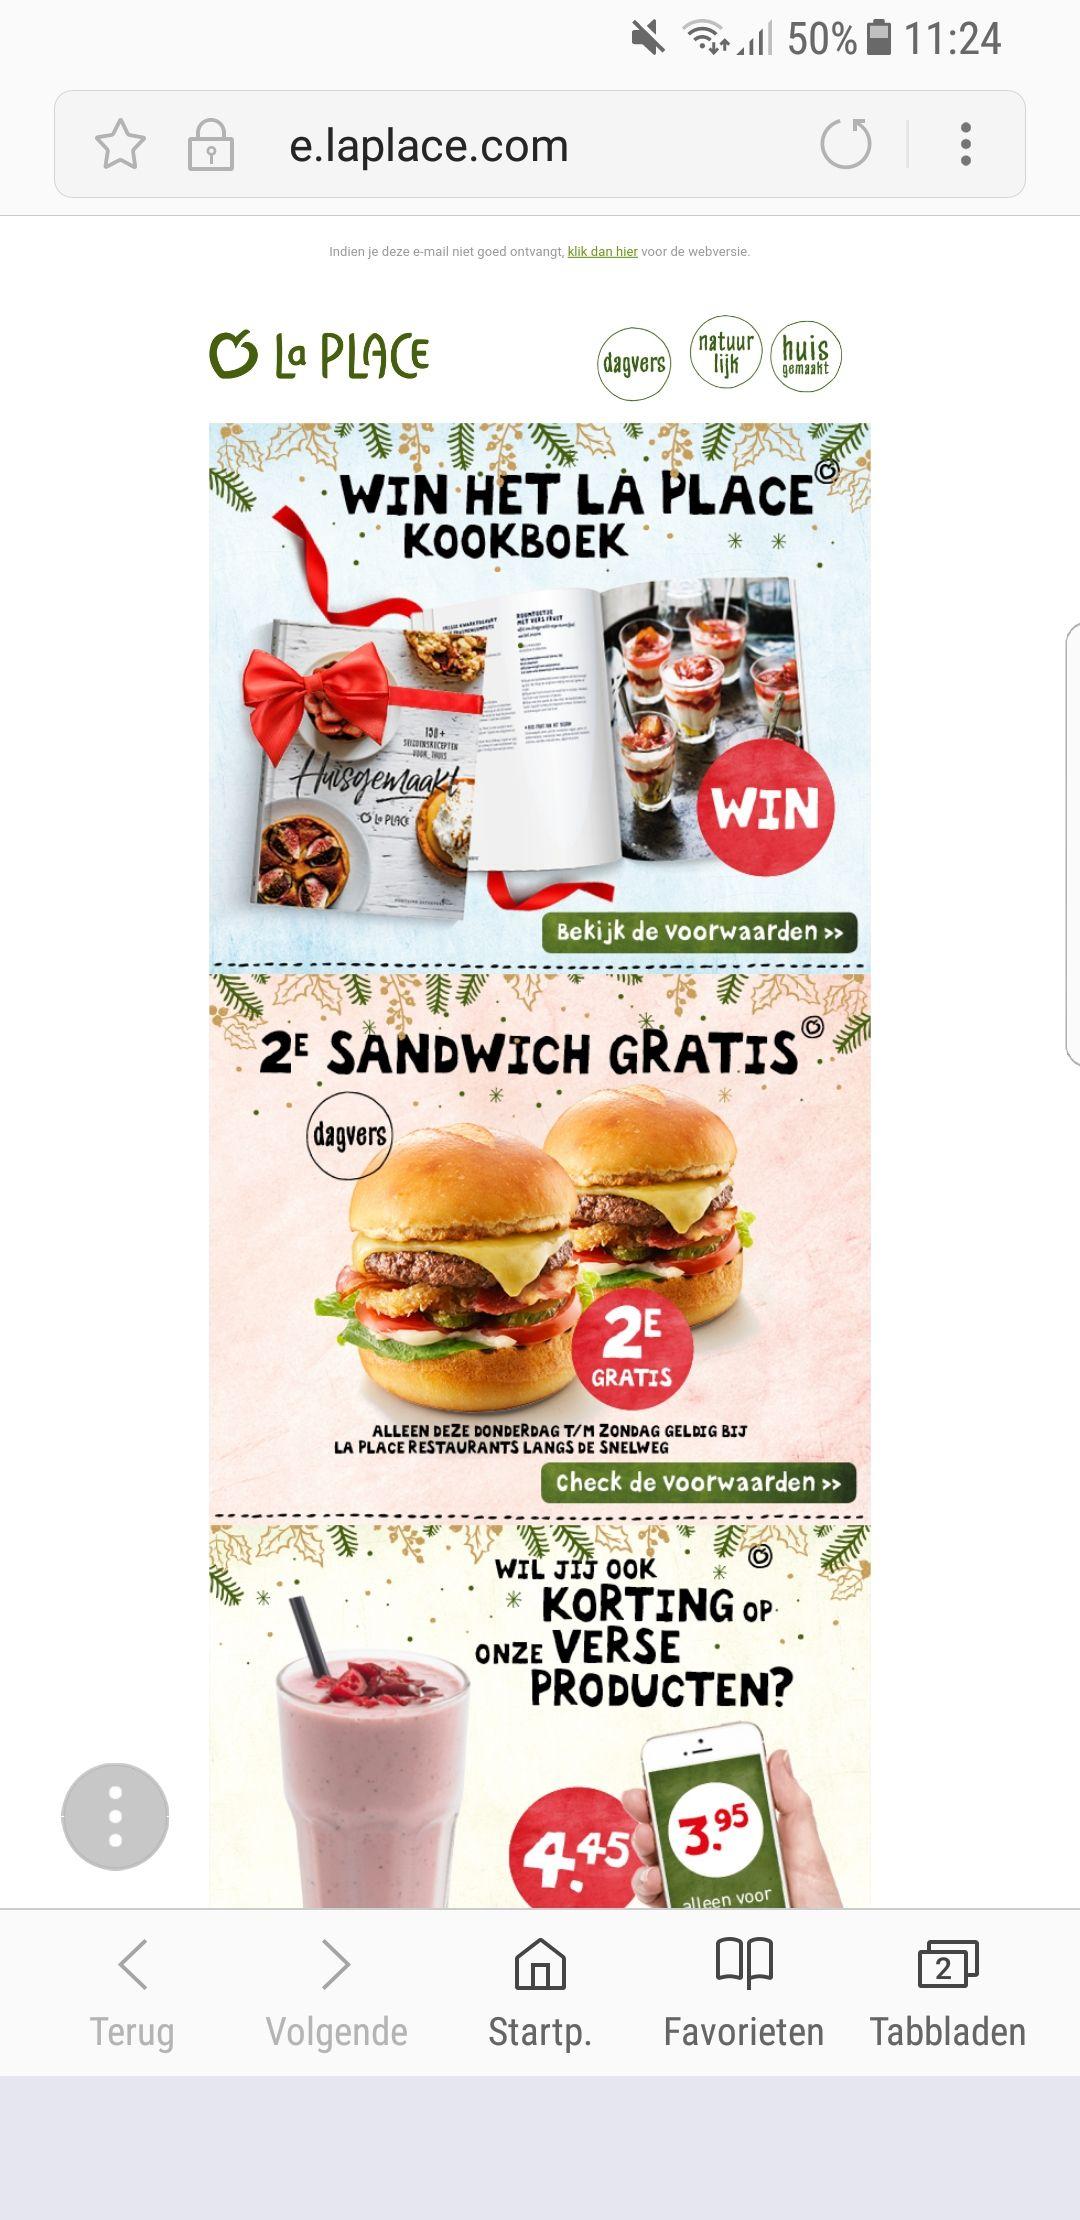 2e sandwich gratis bij La Place